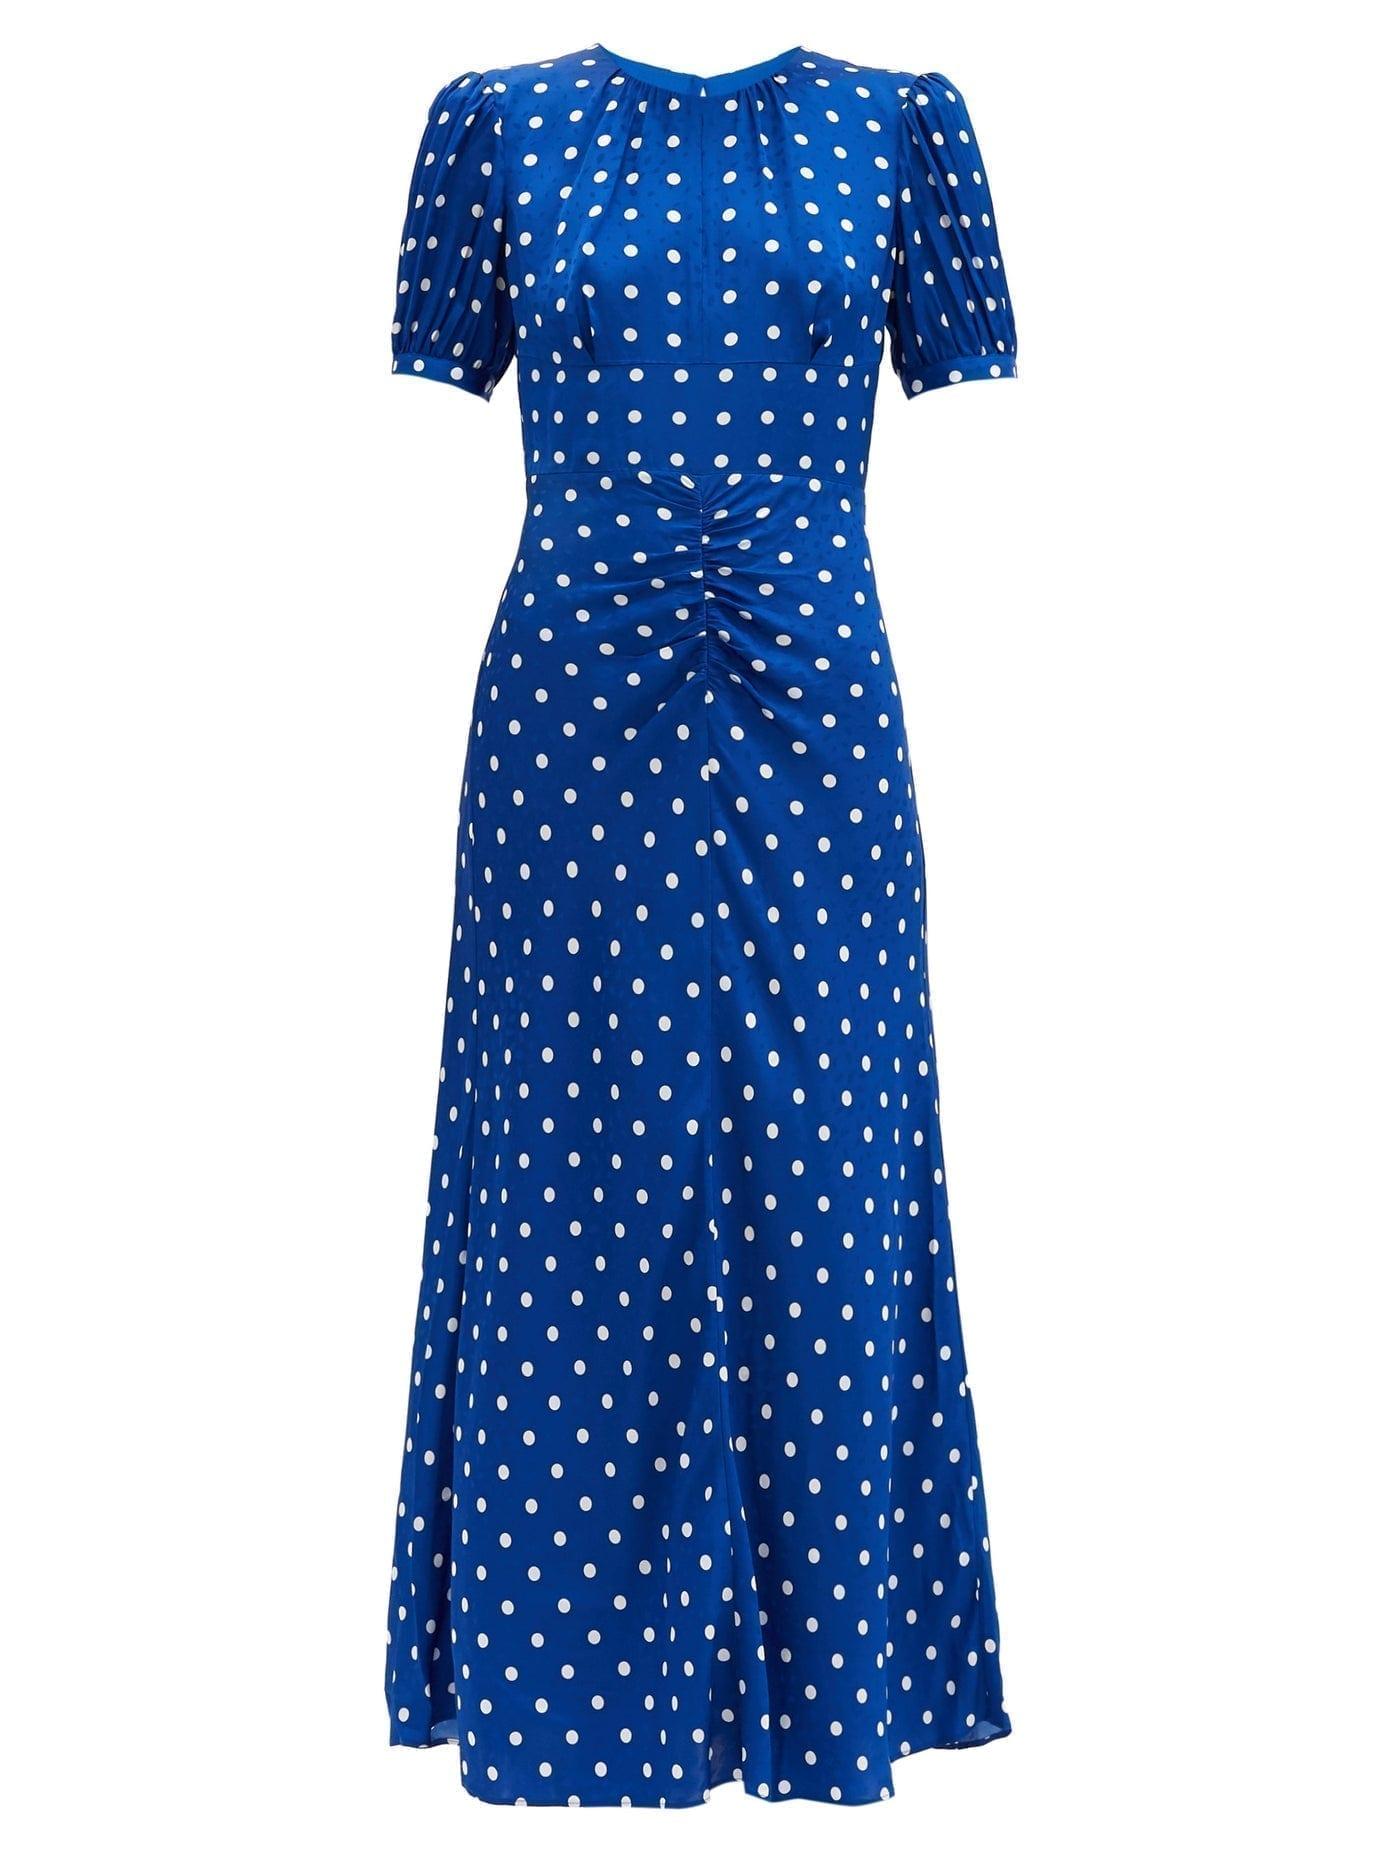 SELF-PORTRAIT Polka-dot Satin Midi Dress